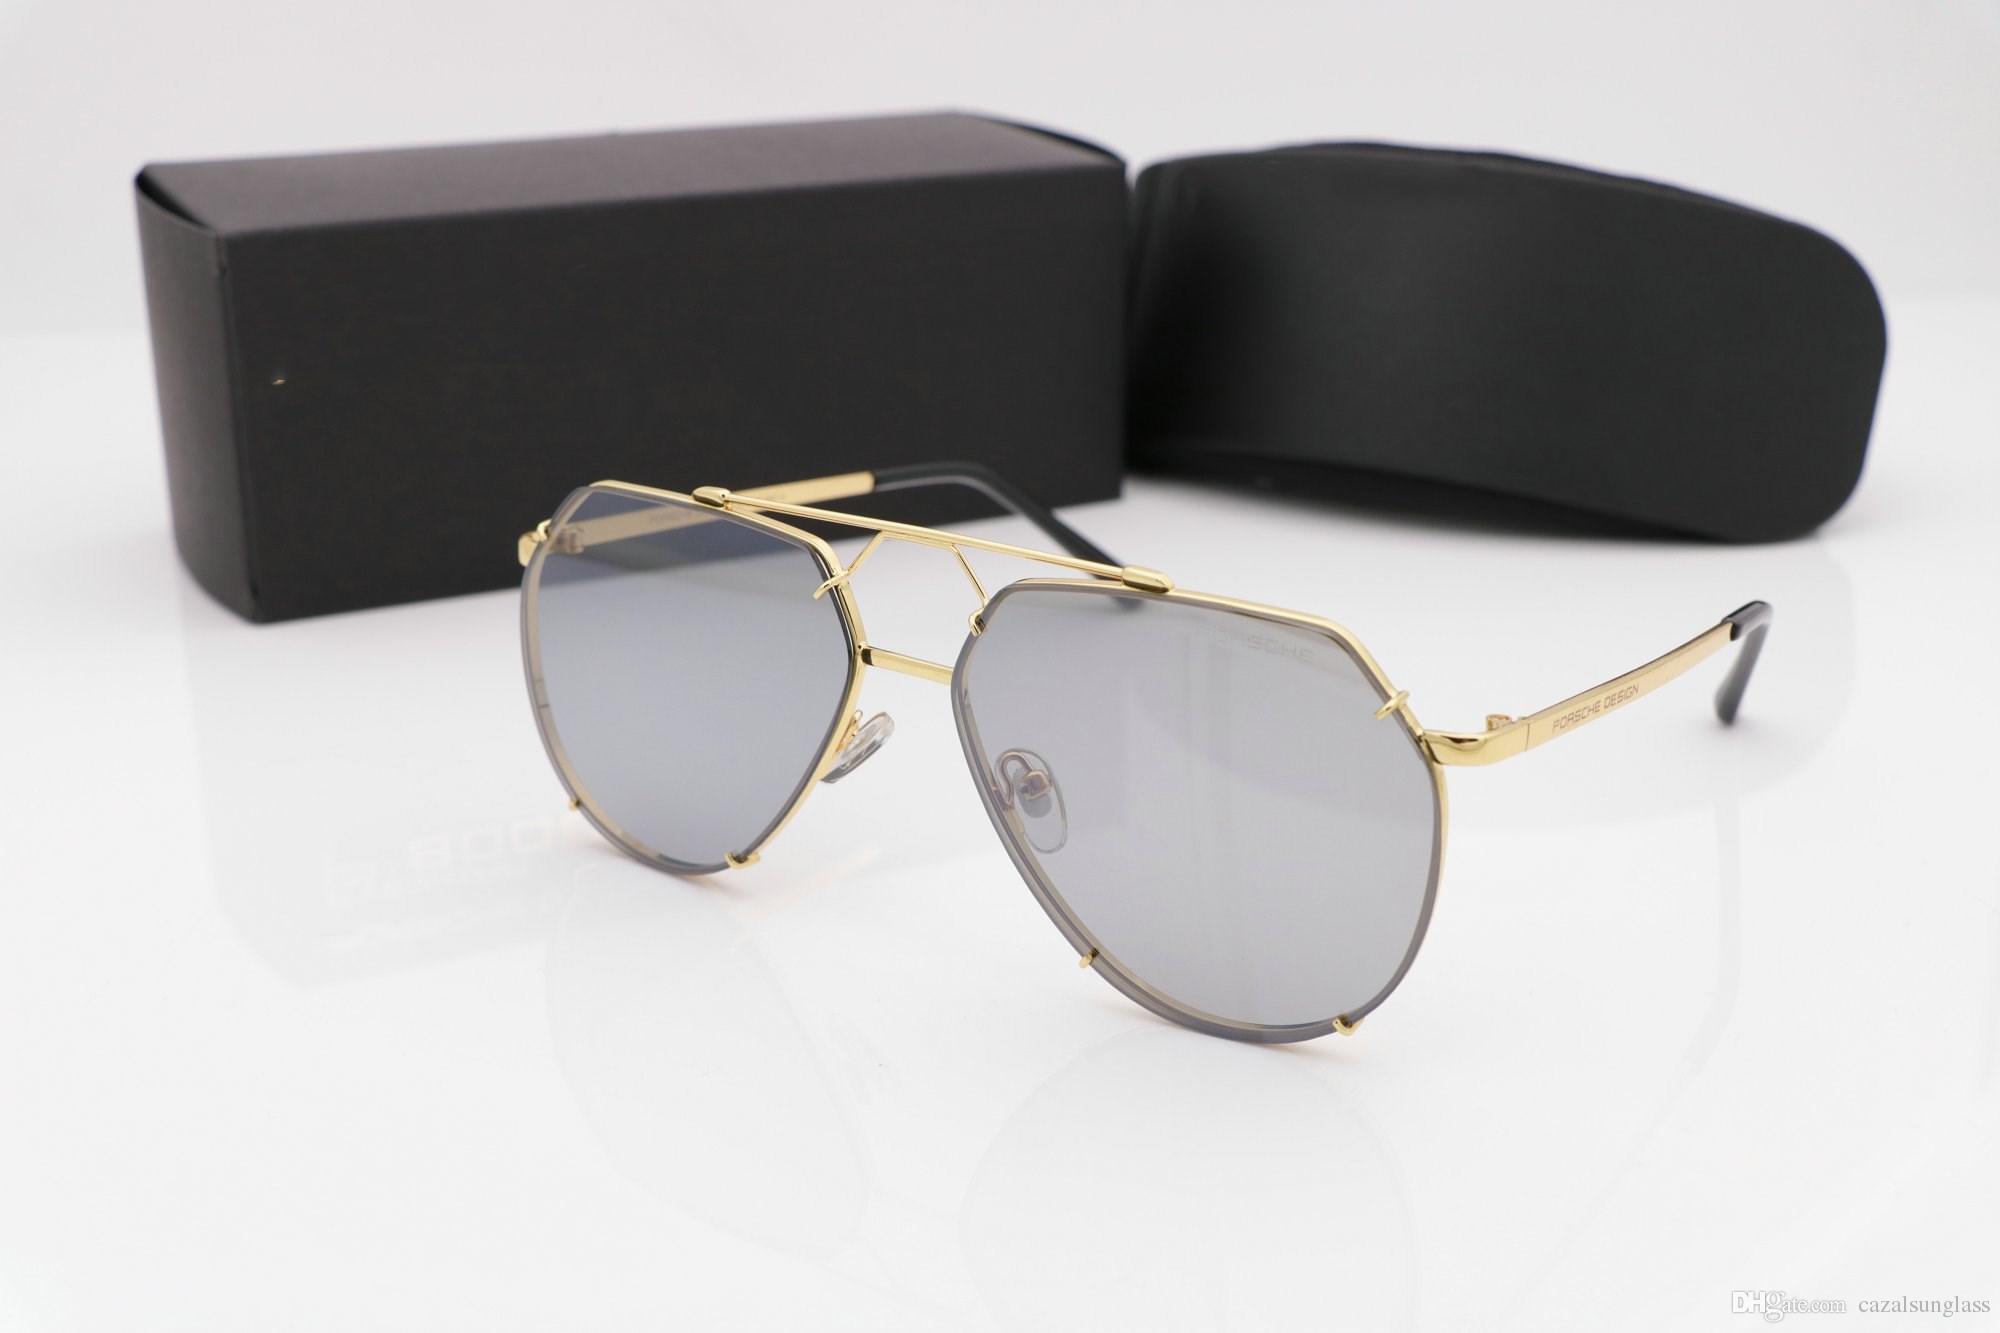 1e7fdfa833 Wholesale New 2019 World Brand Sunglasses Counters Quality Driving Sun  Glasses Personality Men Women Model Of Sunglass POR Discount Sunglasses  Sports ...